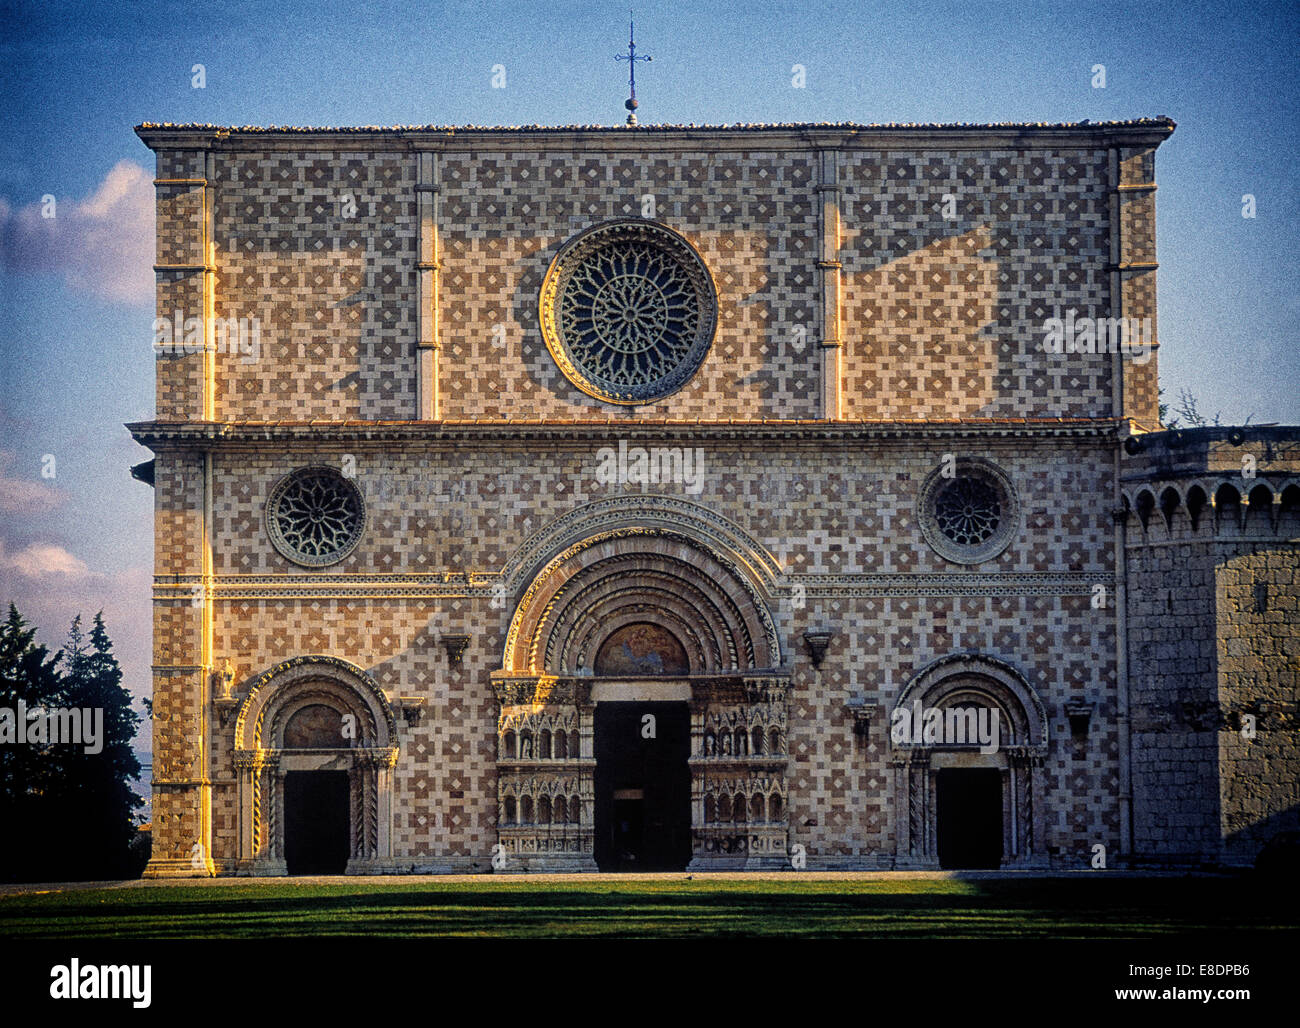 Santa Maria di Collemaggio church in l'Aquila, Abruzzo, Italy - Stock Image